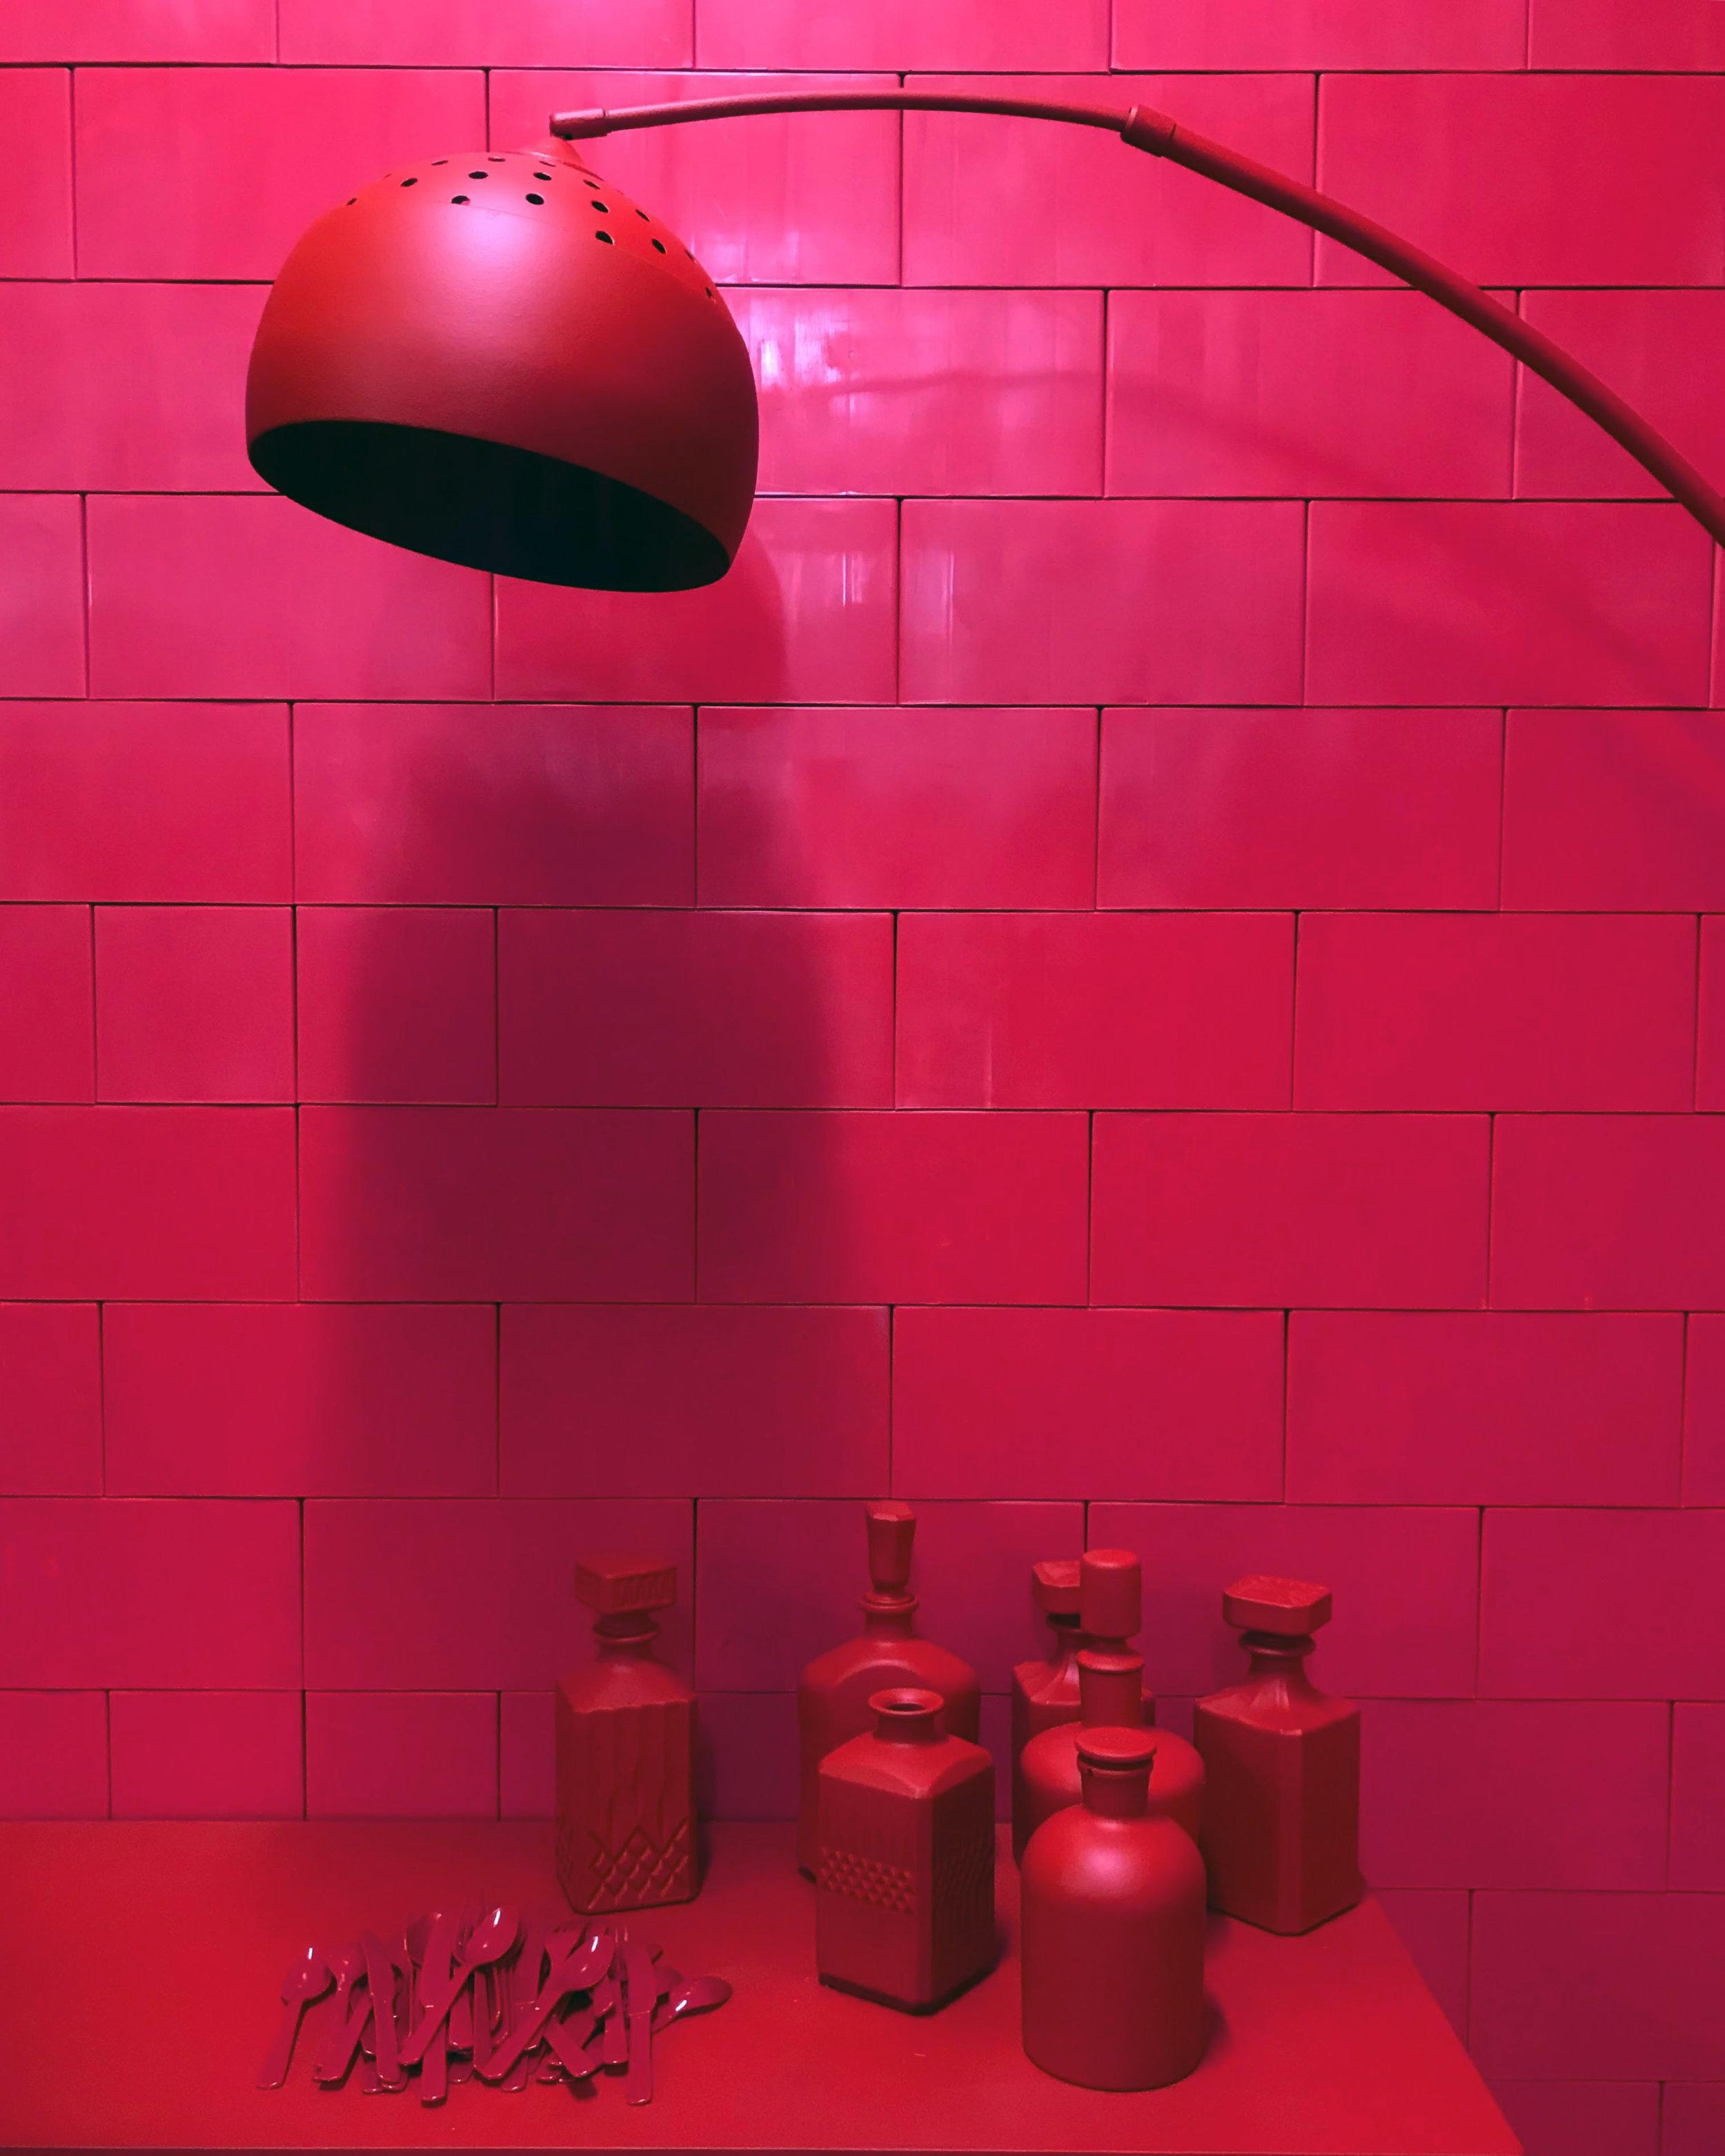 CJ-HENDRY-MONOCHROME-RED